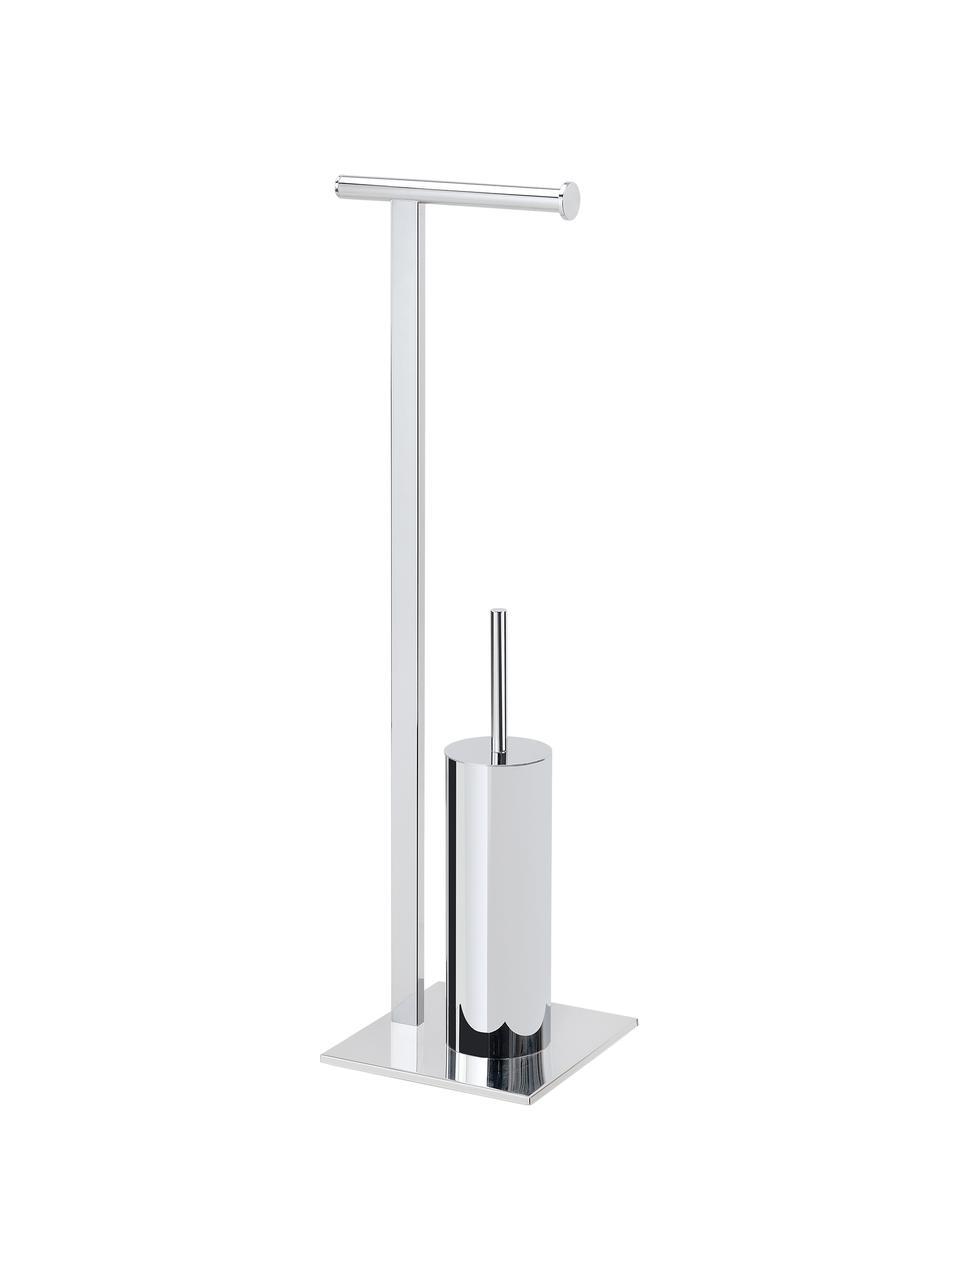 Stojak na papier toaletowy ze szczotką toaletową Blendon, Metal, Metal, S 20 x W 72 cm